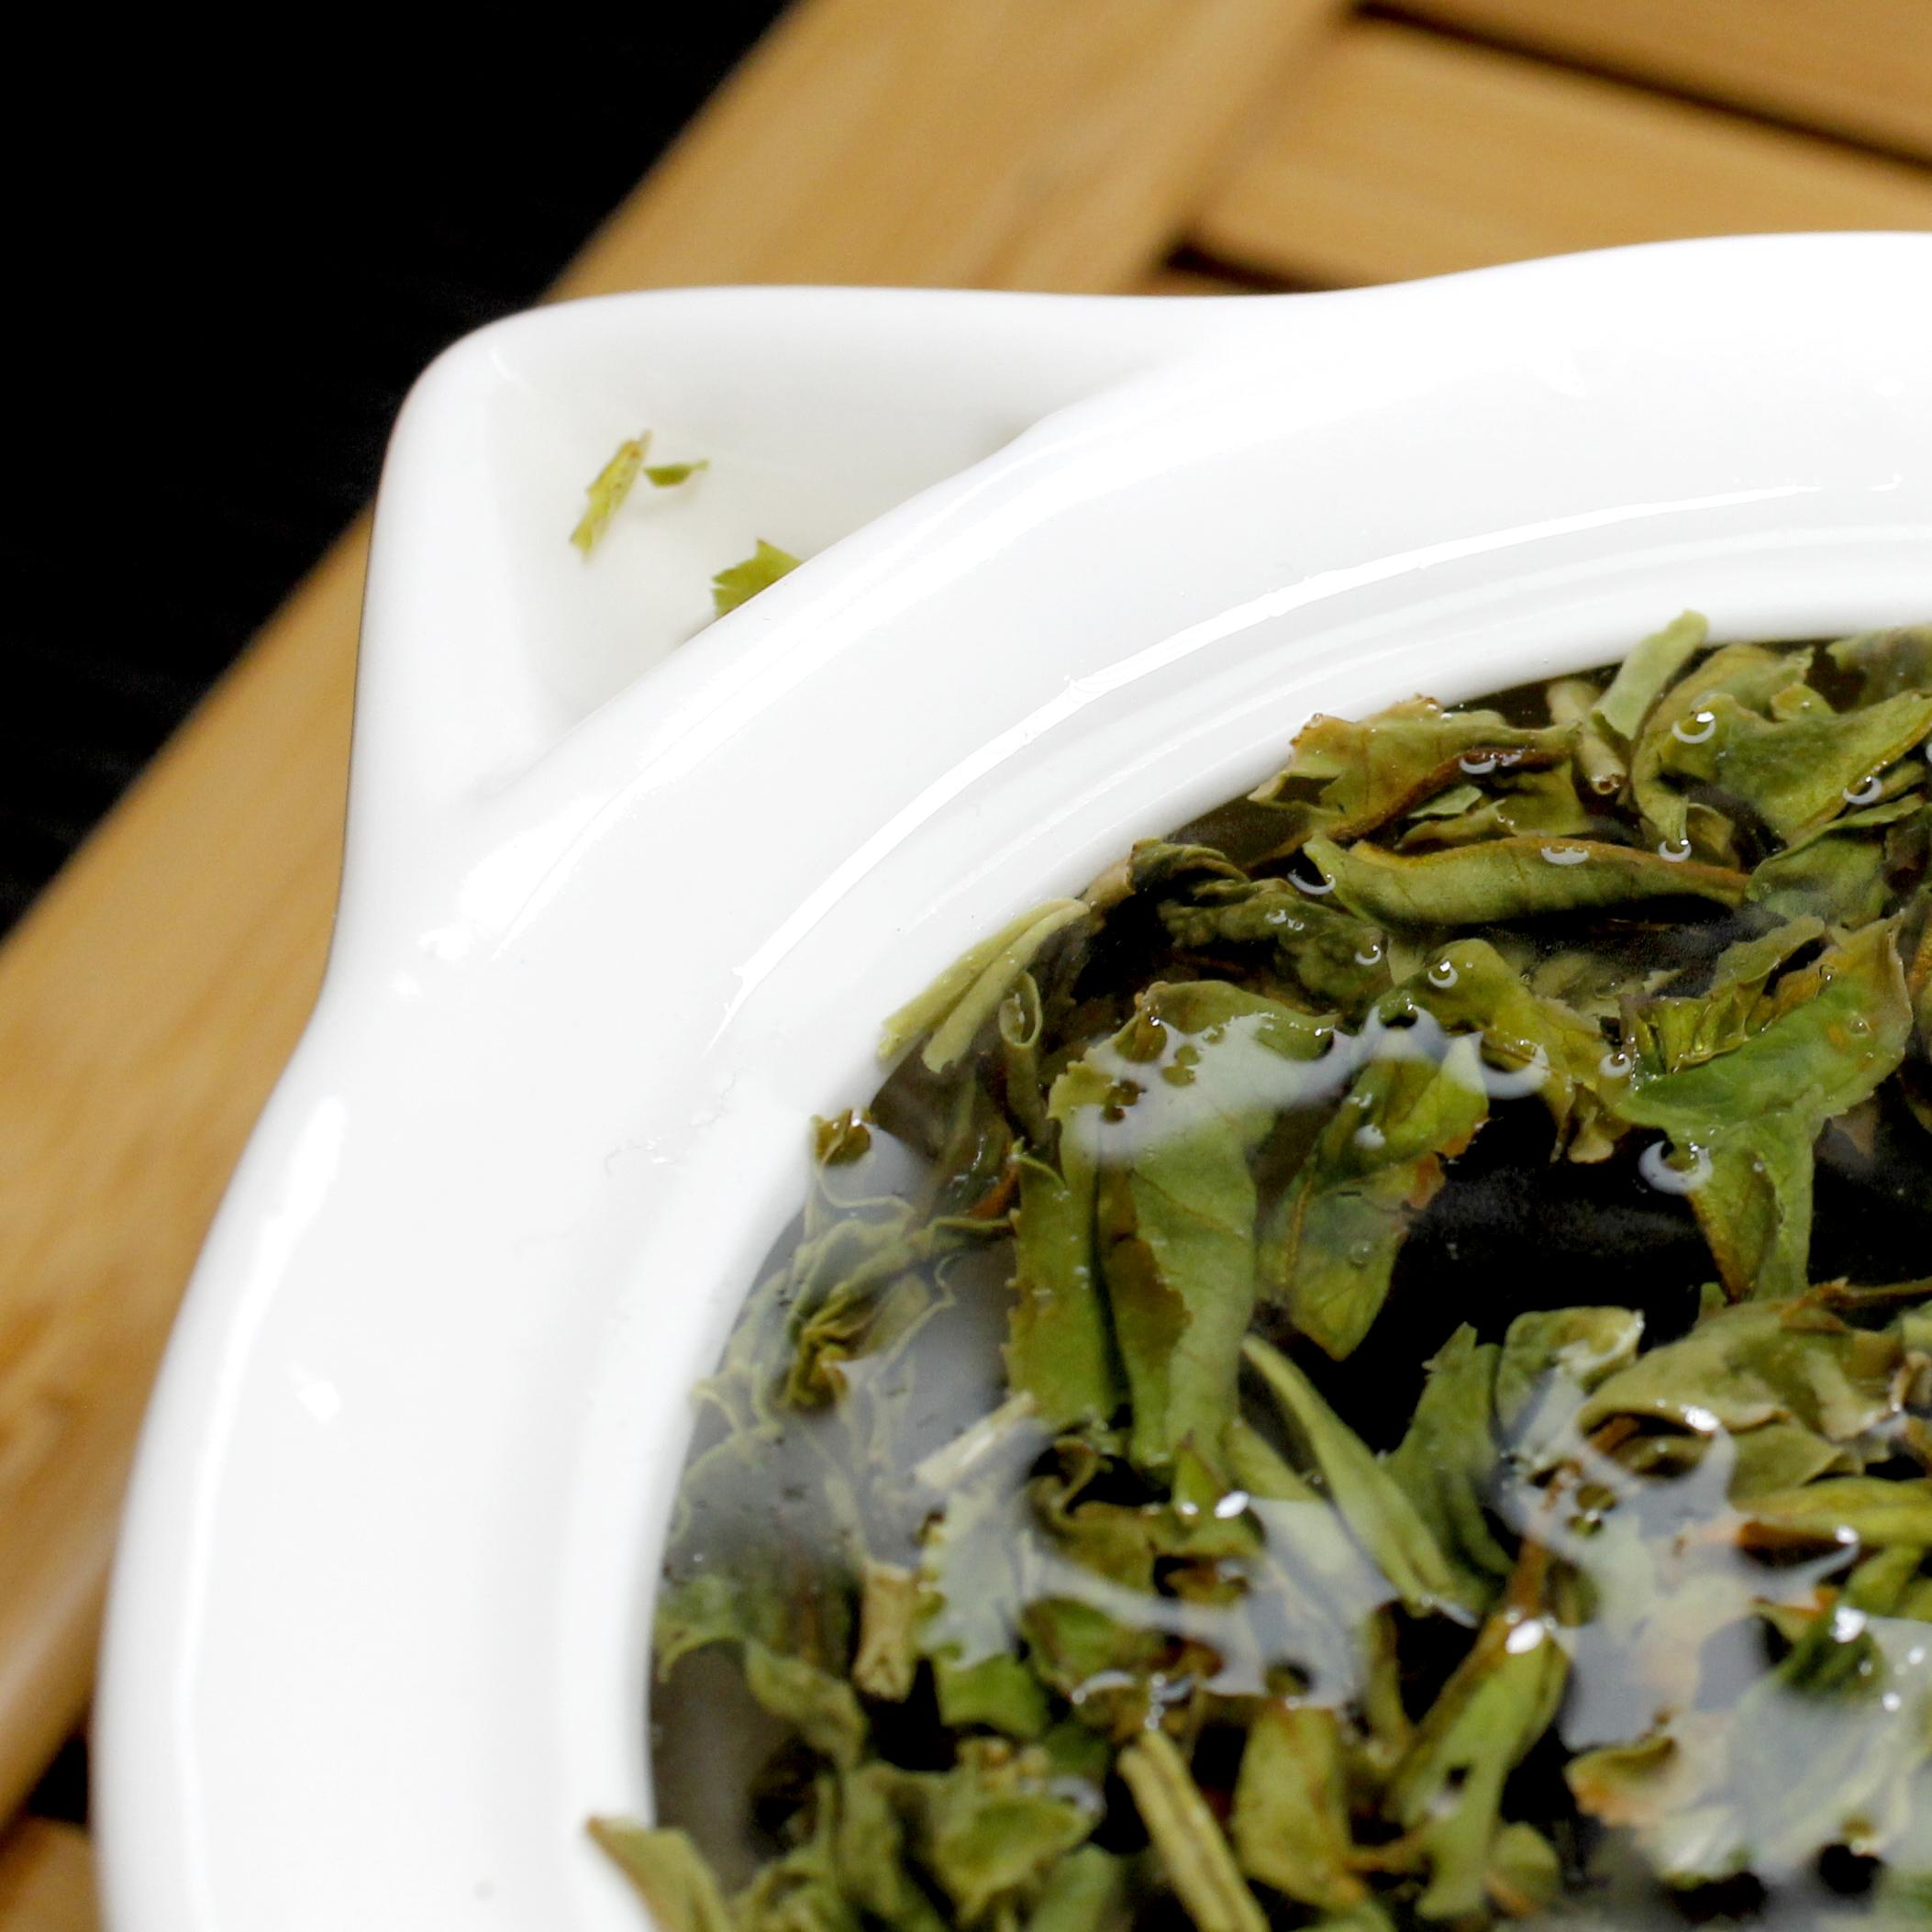 darjeeling-1st-flush-arya-estate-diamond-black-whole-leaf-tea-itw1.jpg